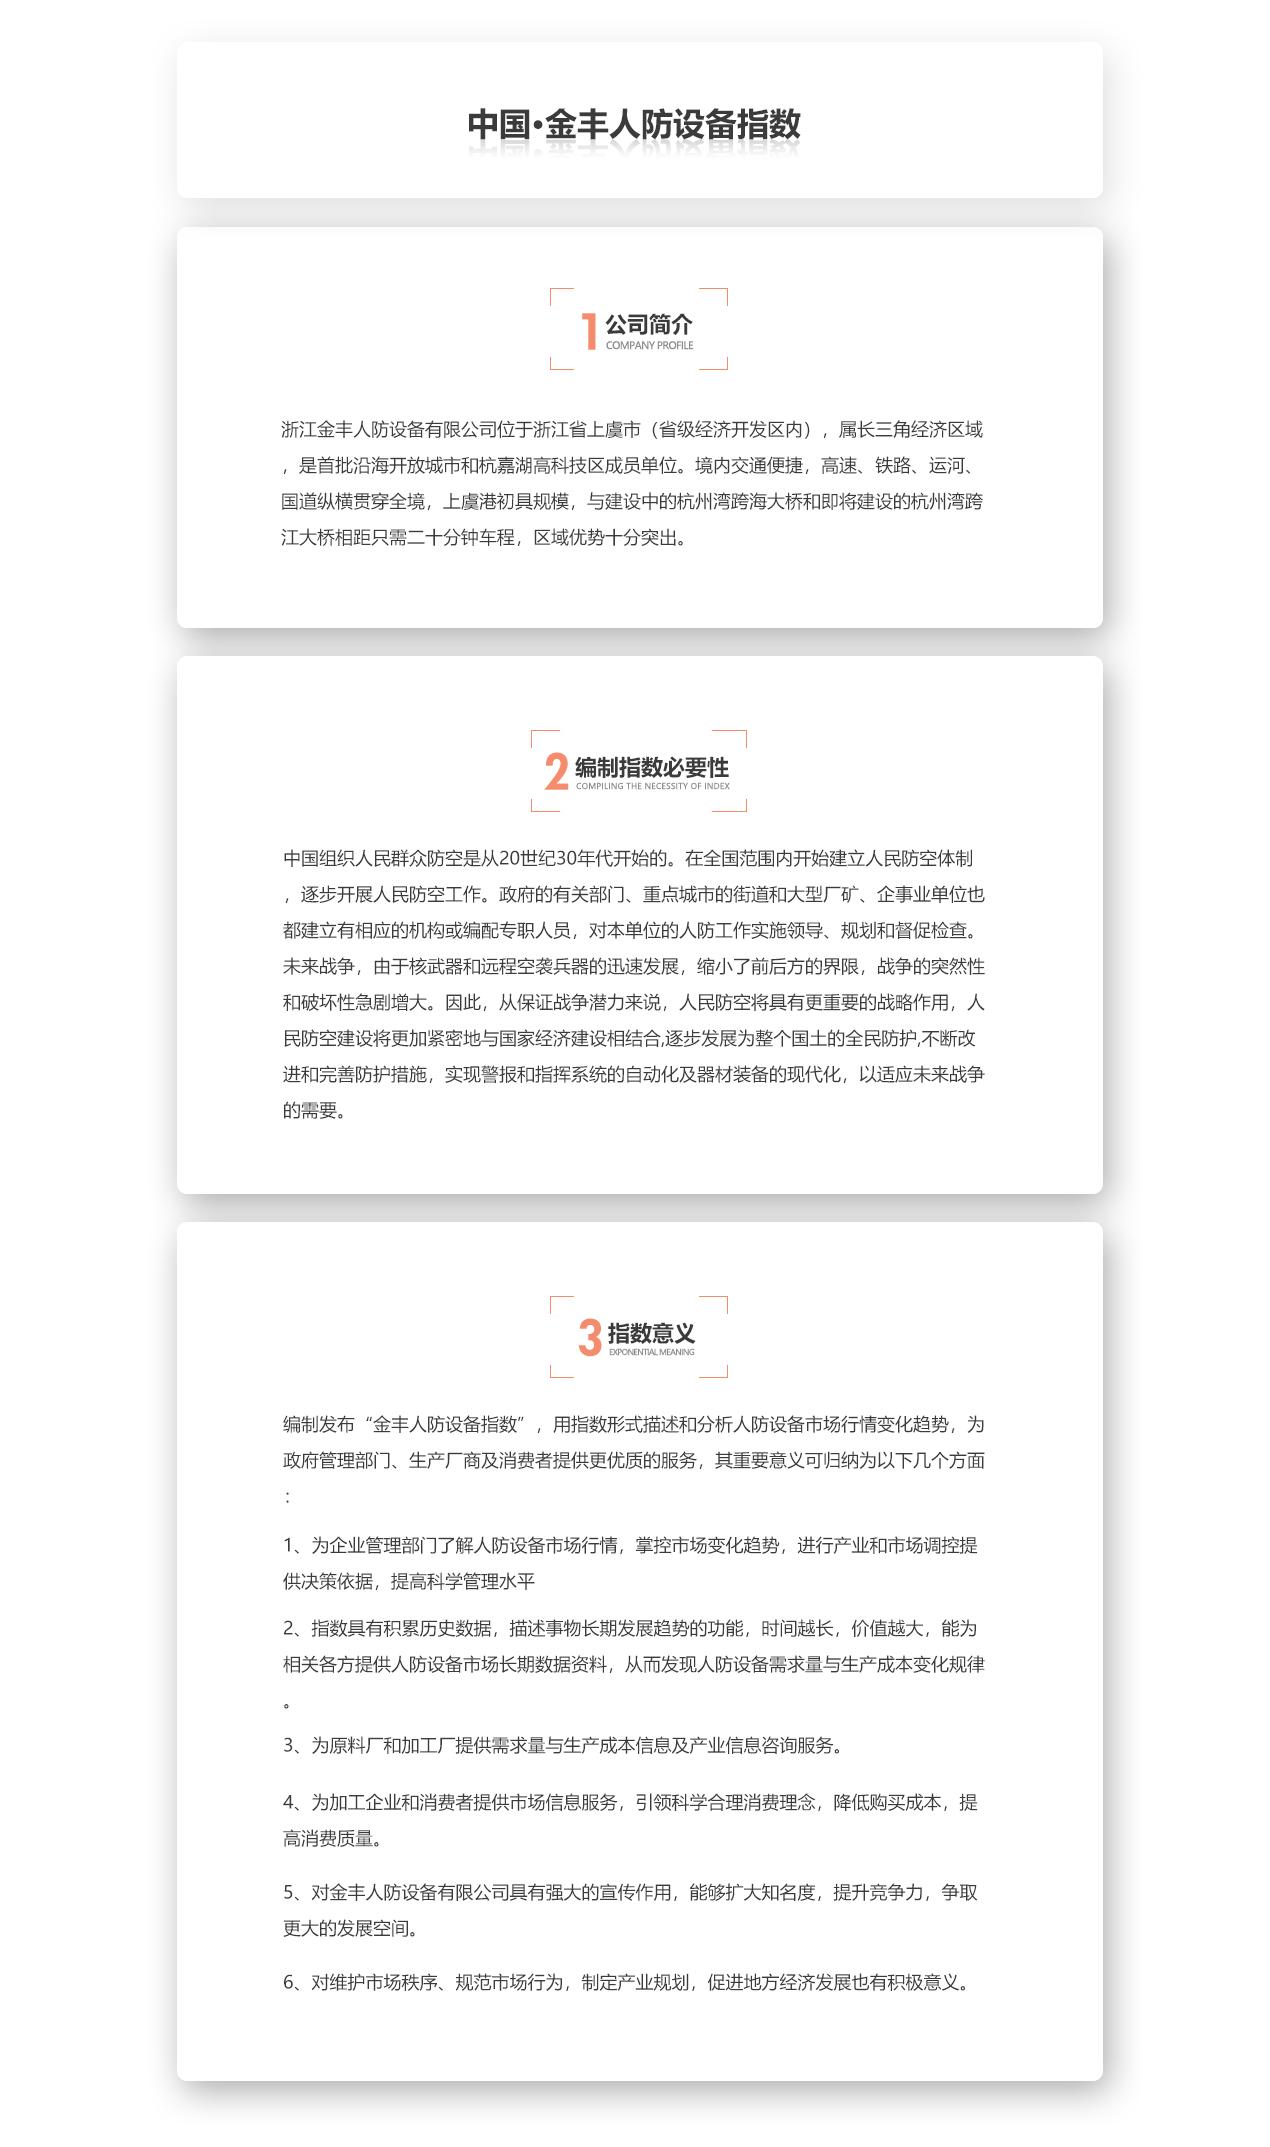 中国·金丰人防设备指数.jpg